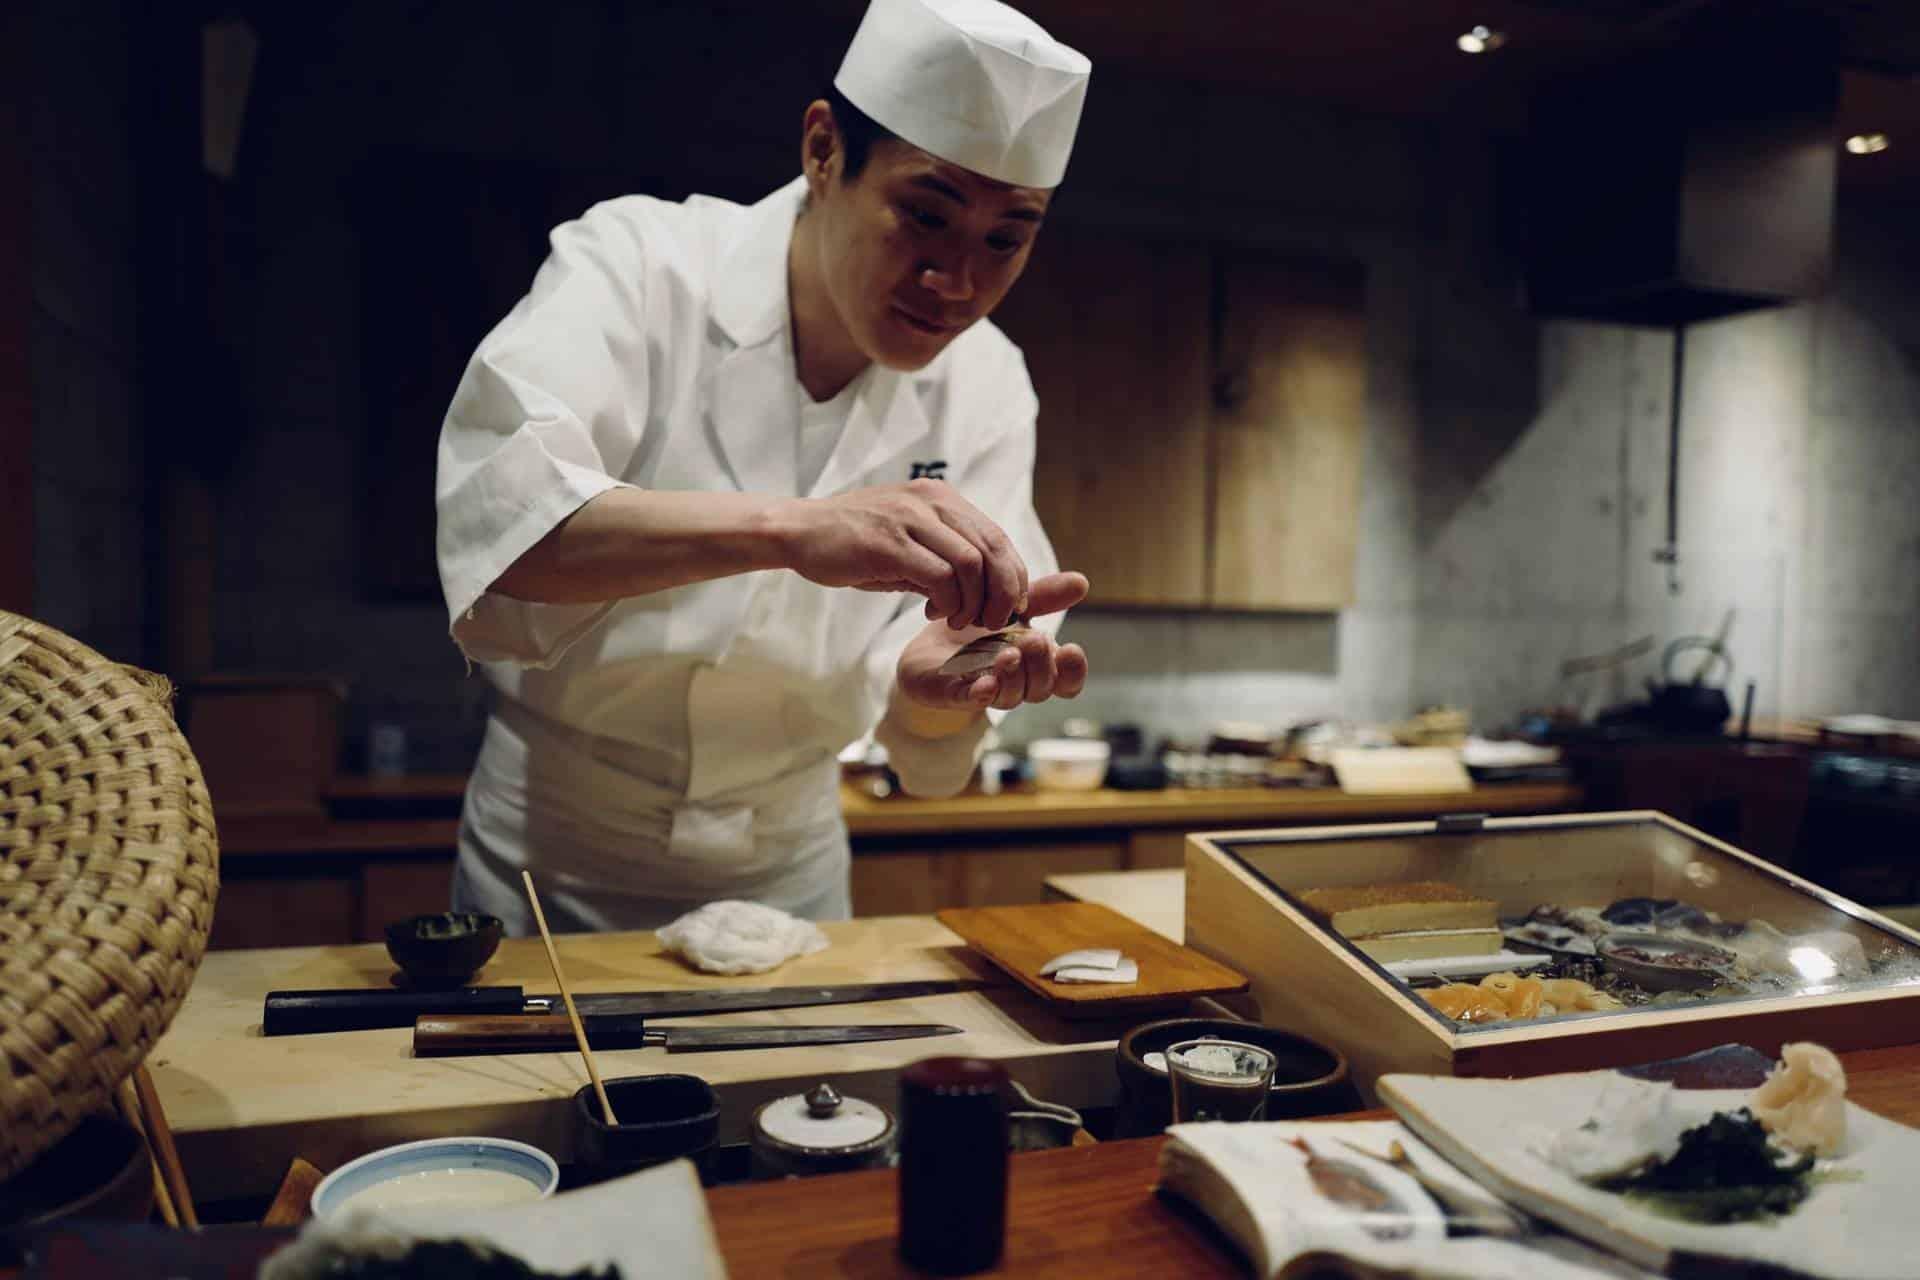 Food bucket list: Sashimi in Japan